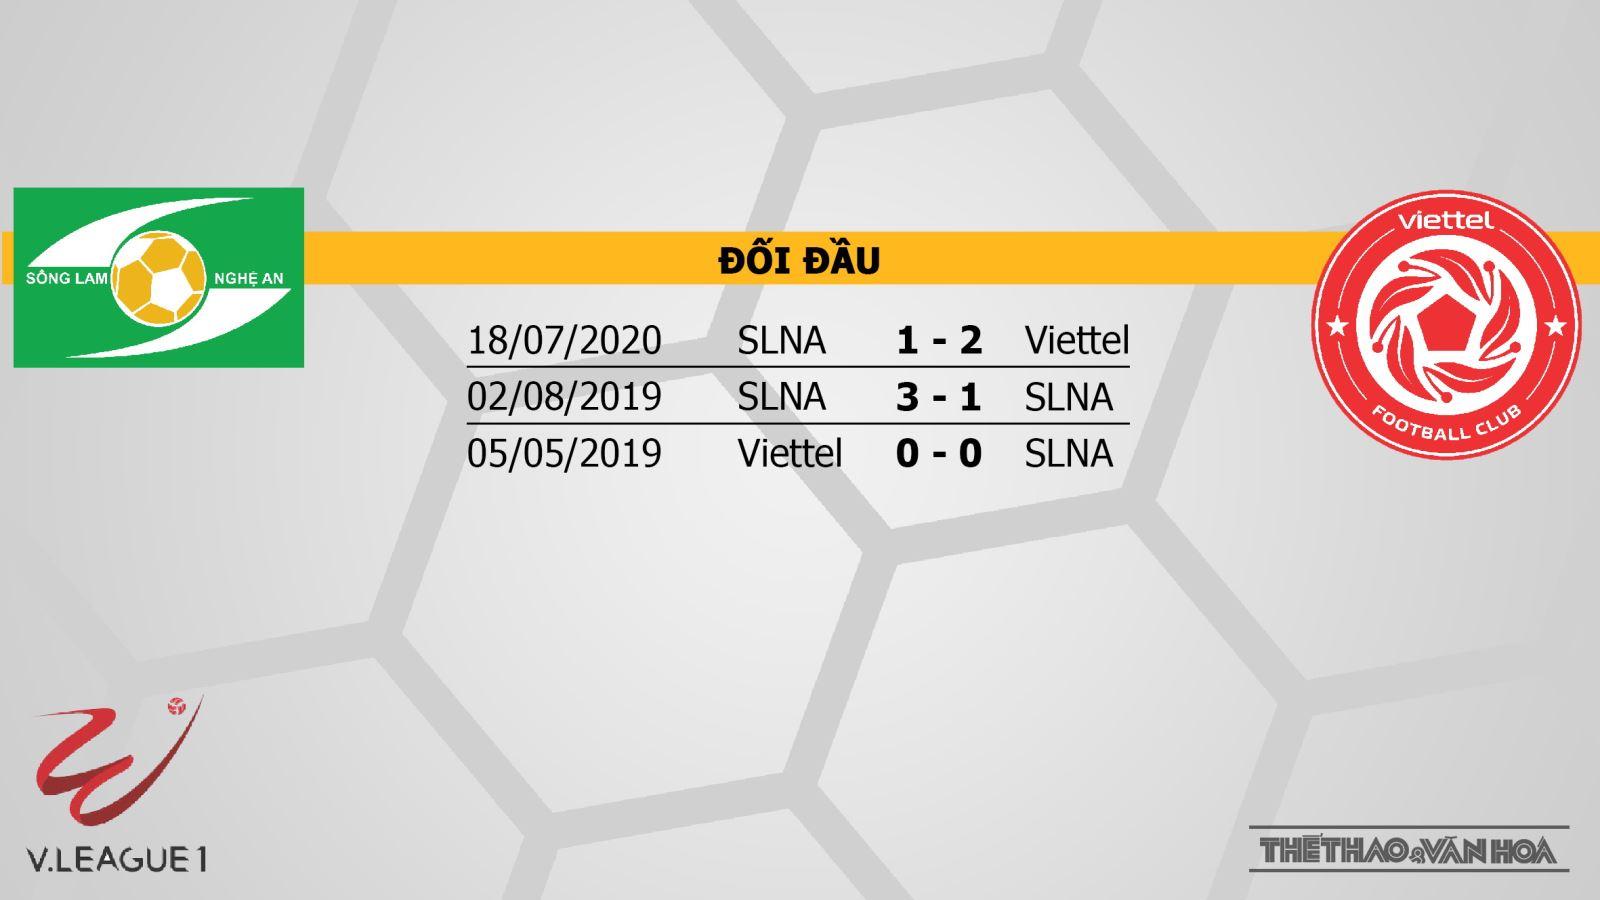 Keo nha cai. Kèo nhà cái. SLNA vs Viettel. BĐTV trực tiếp bóng đá V-League 2021